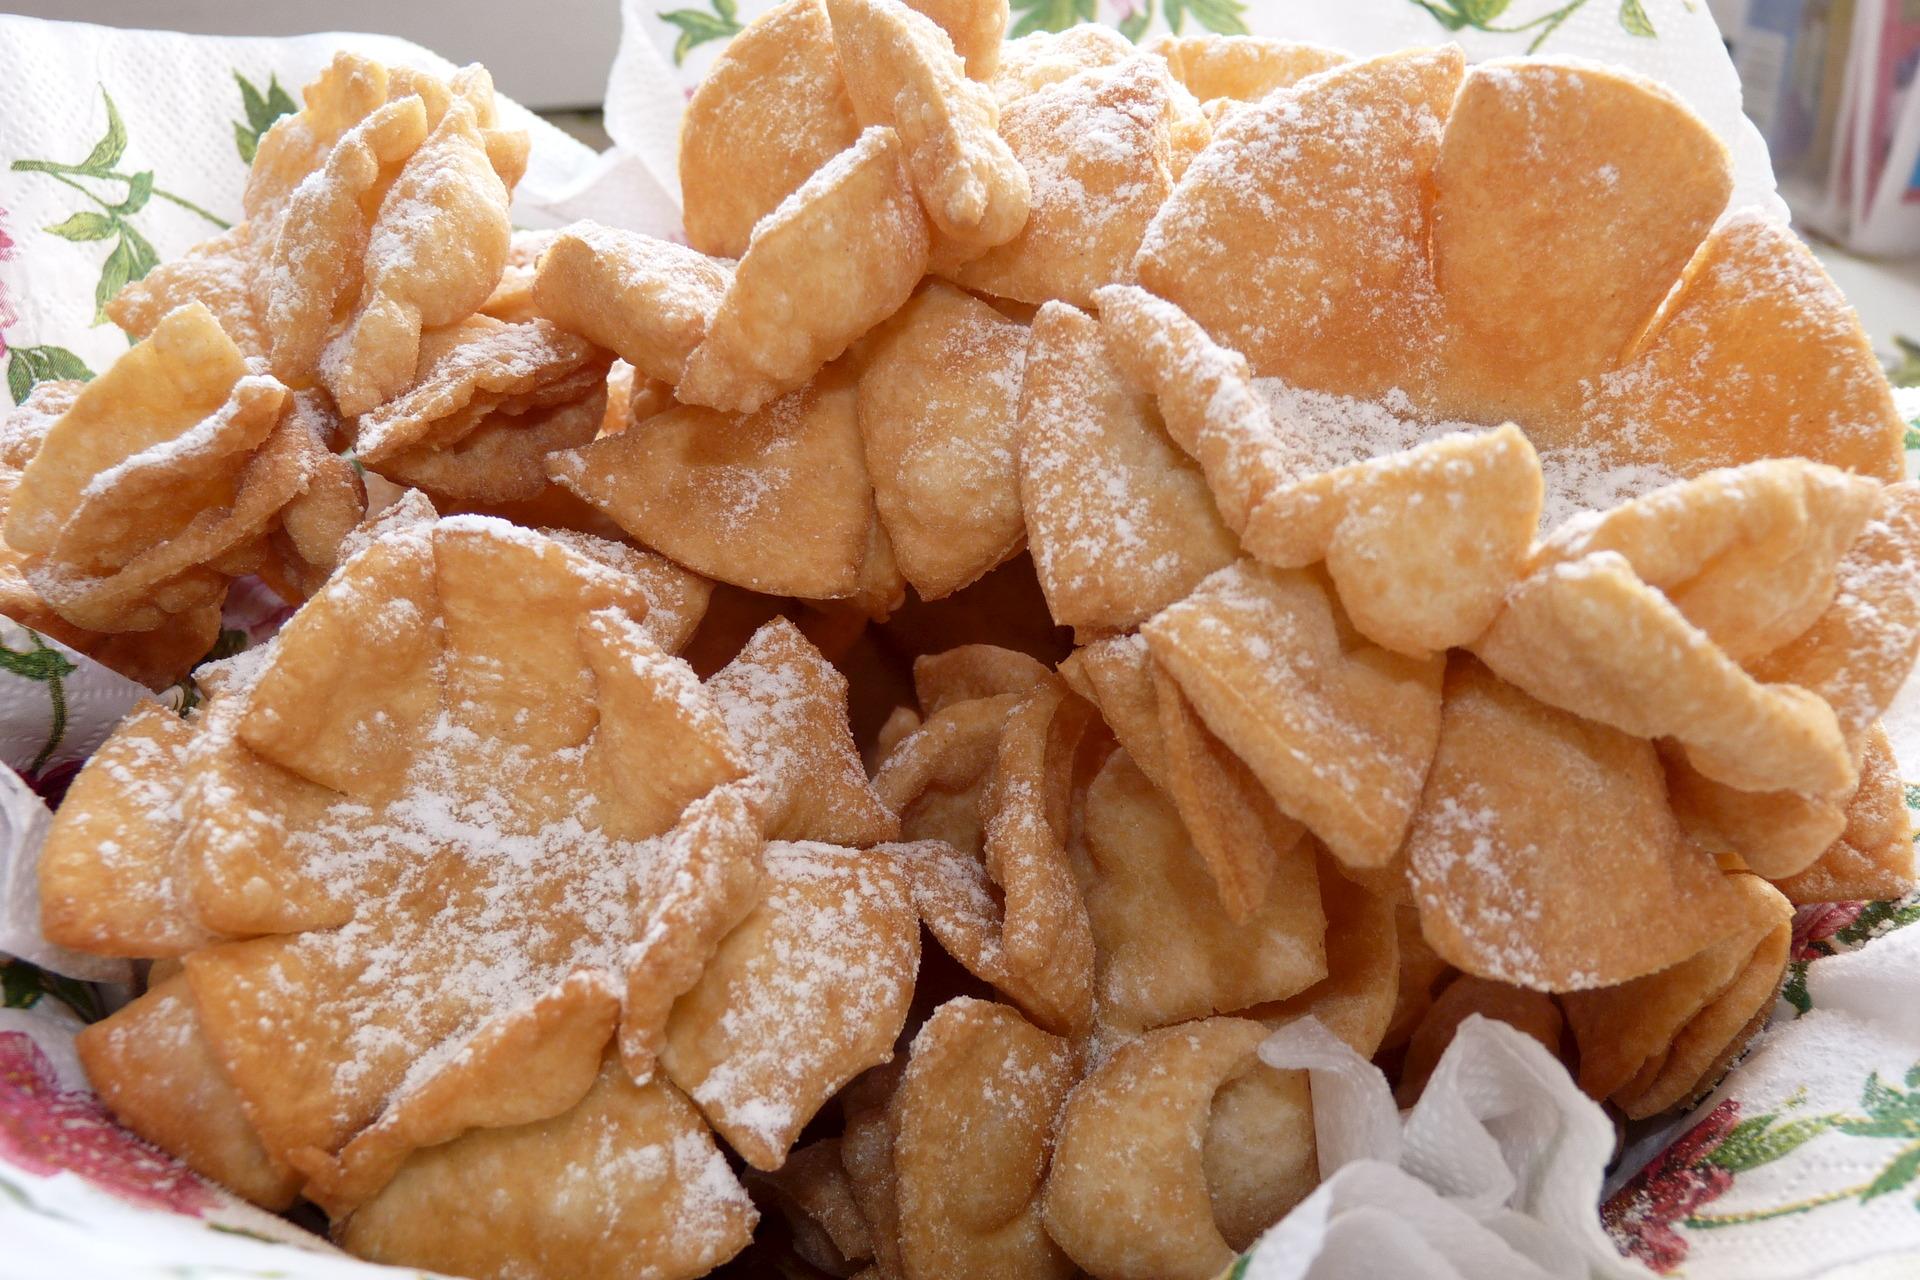 крупные хворост в виде цветка рецепты с фото готовый бисквит